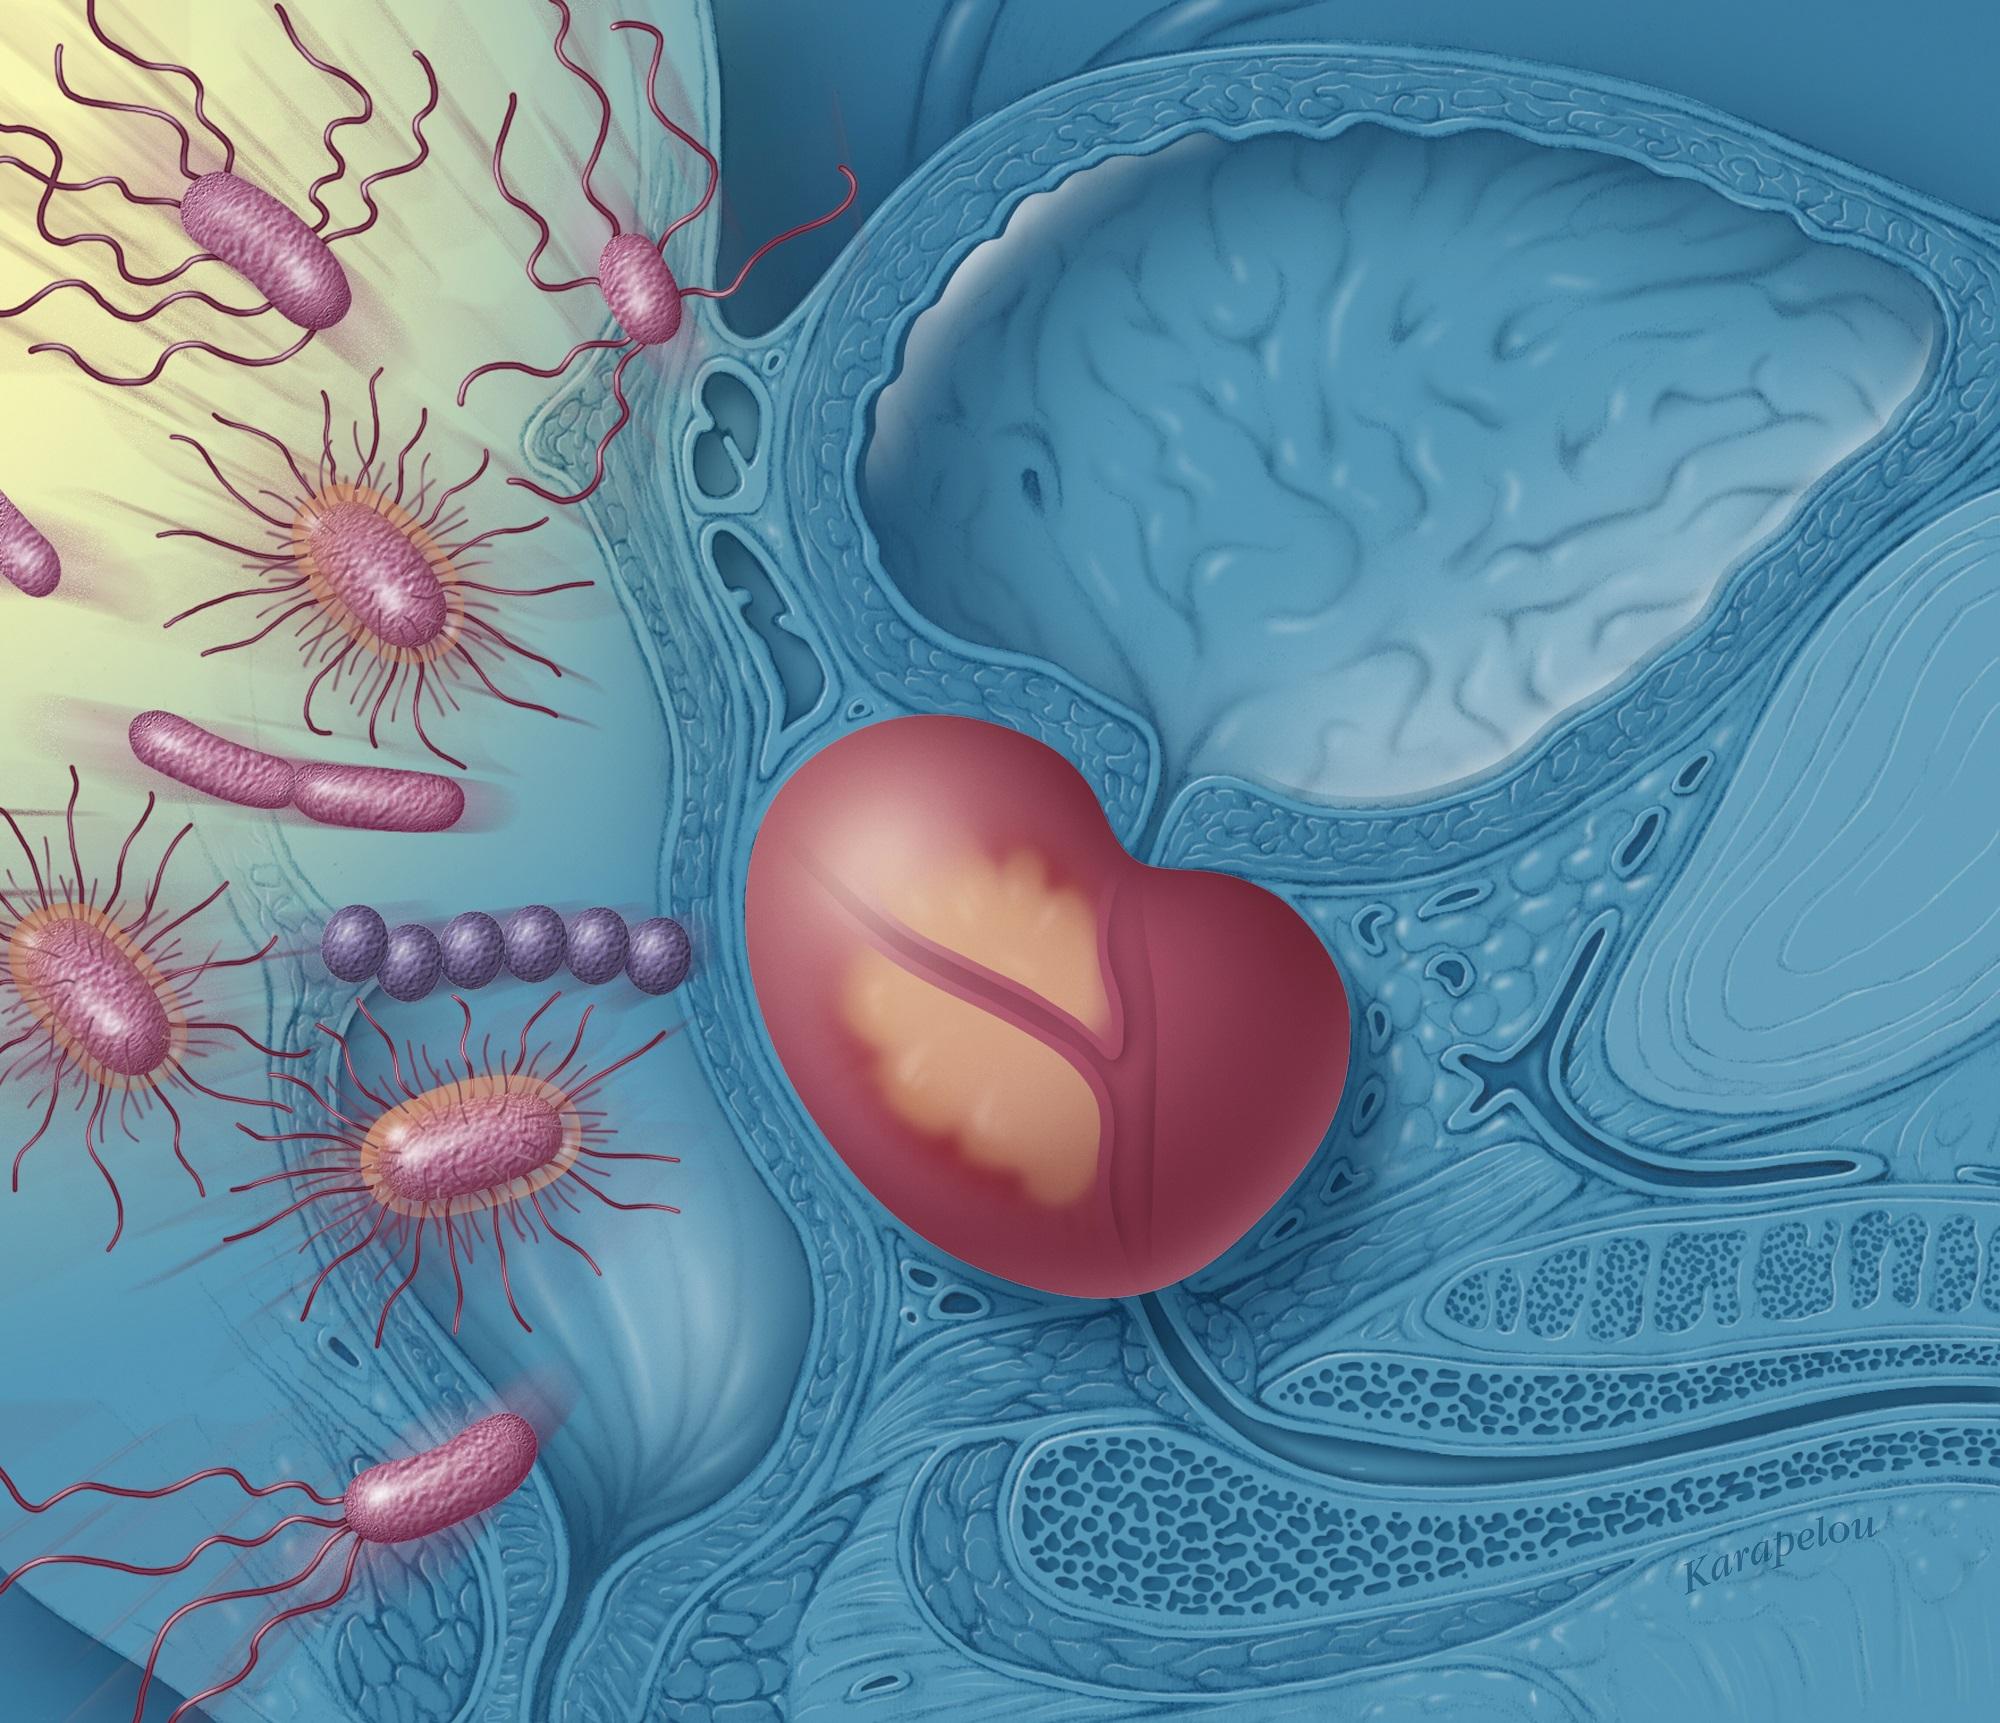 prostatilen din erecție